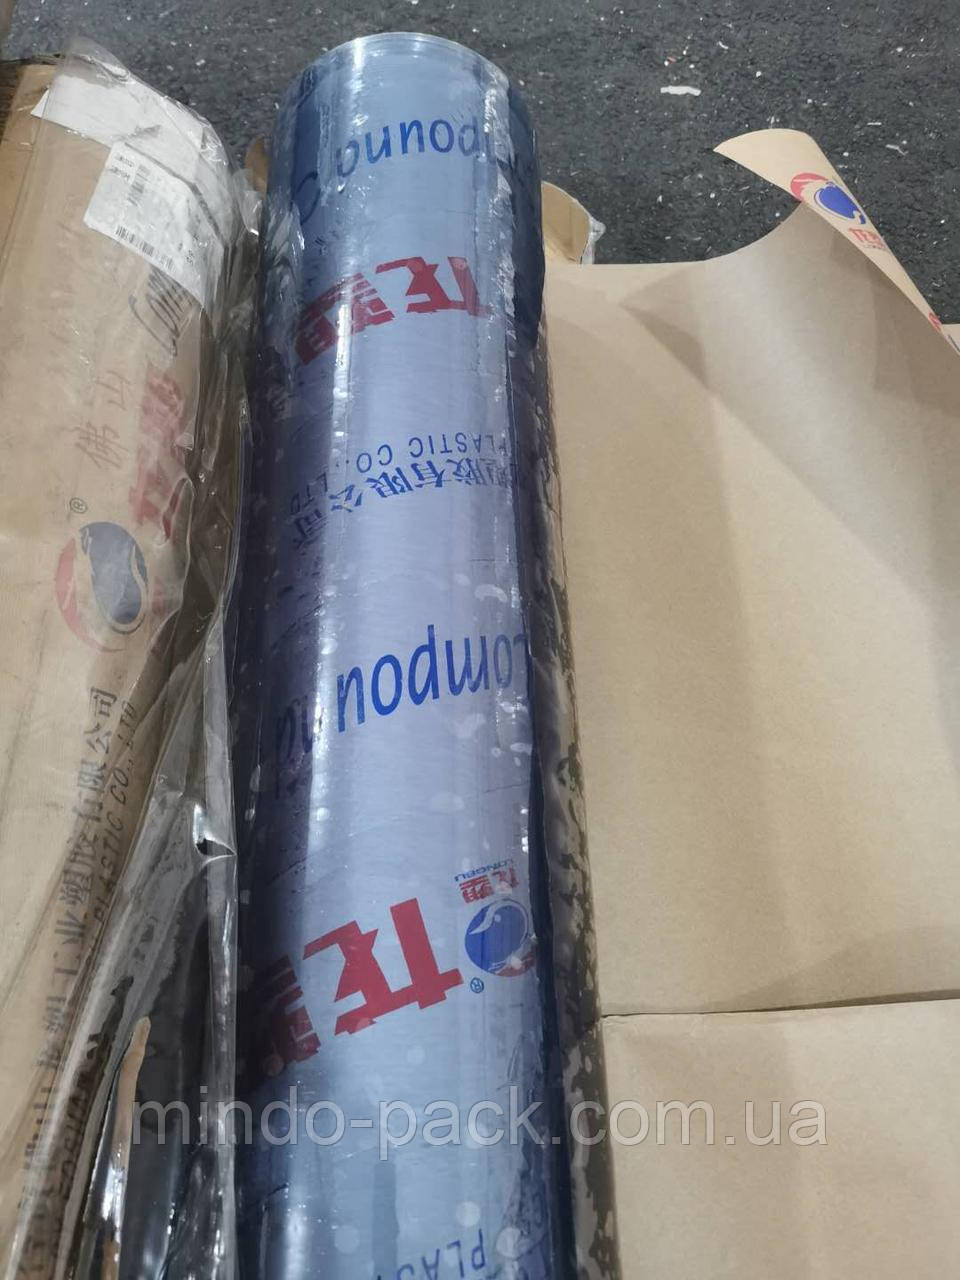 Пленка ПВХ 0,23мм под пошив. Рулон. Прозрачный. 1,4м ширина, 134кв.м.